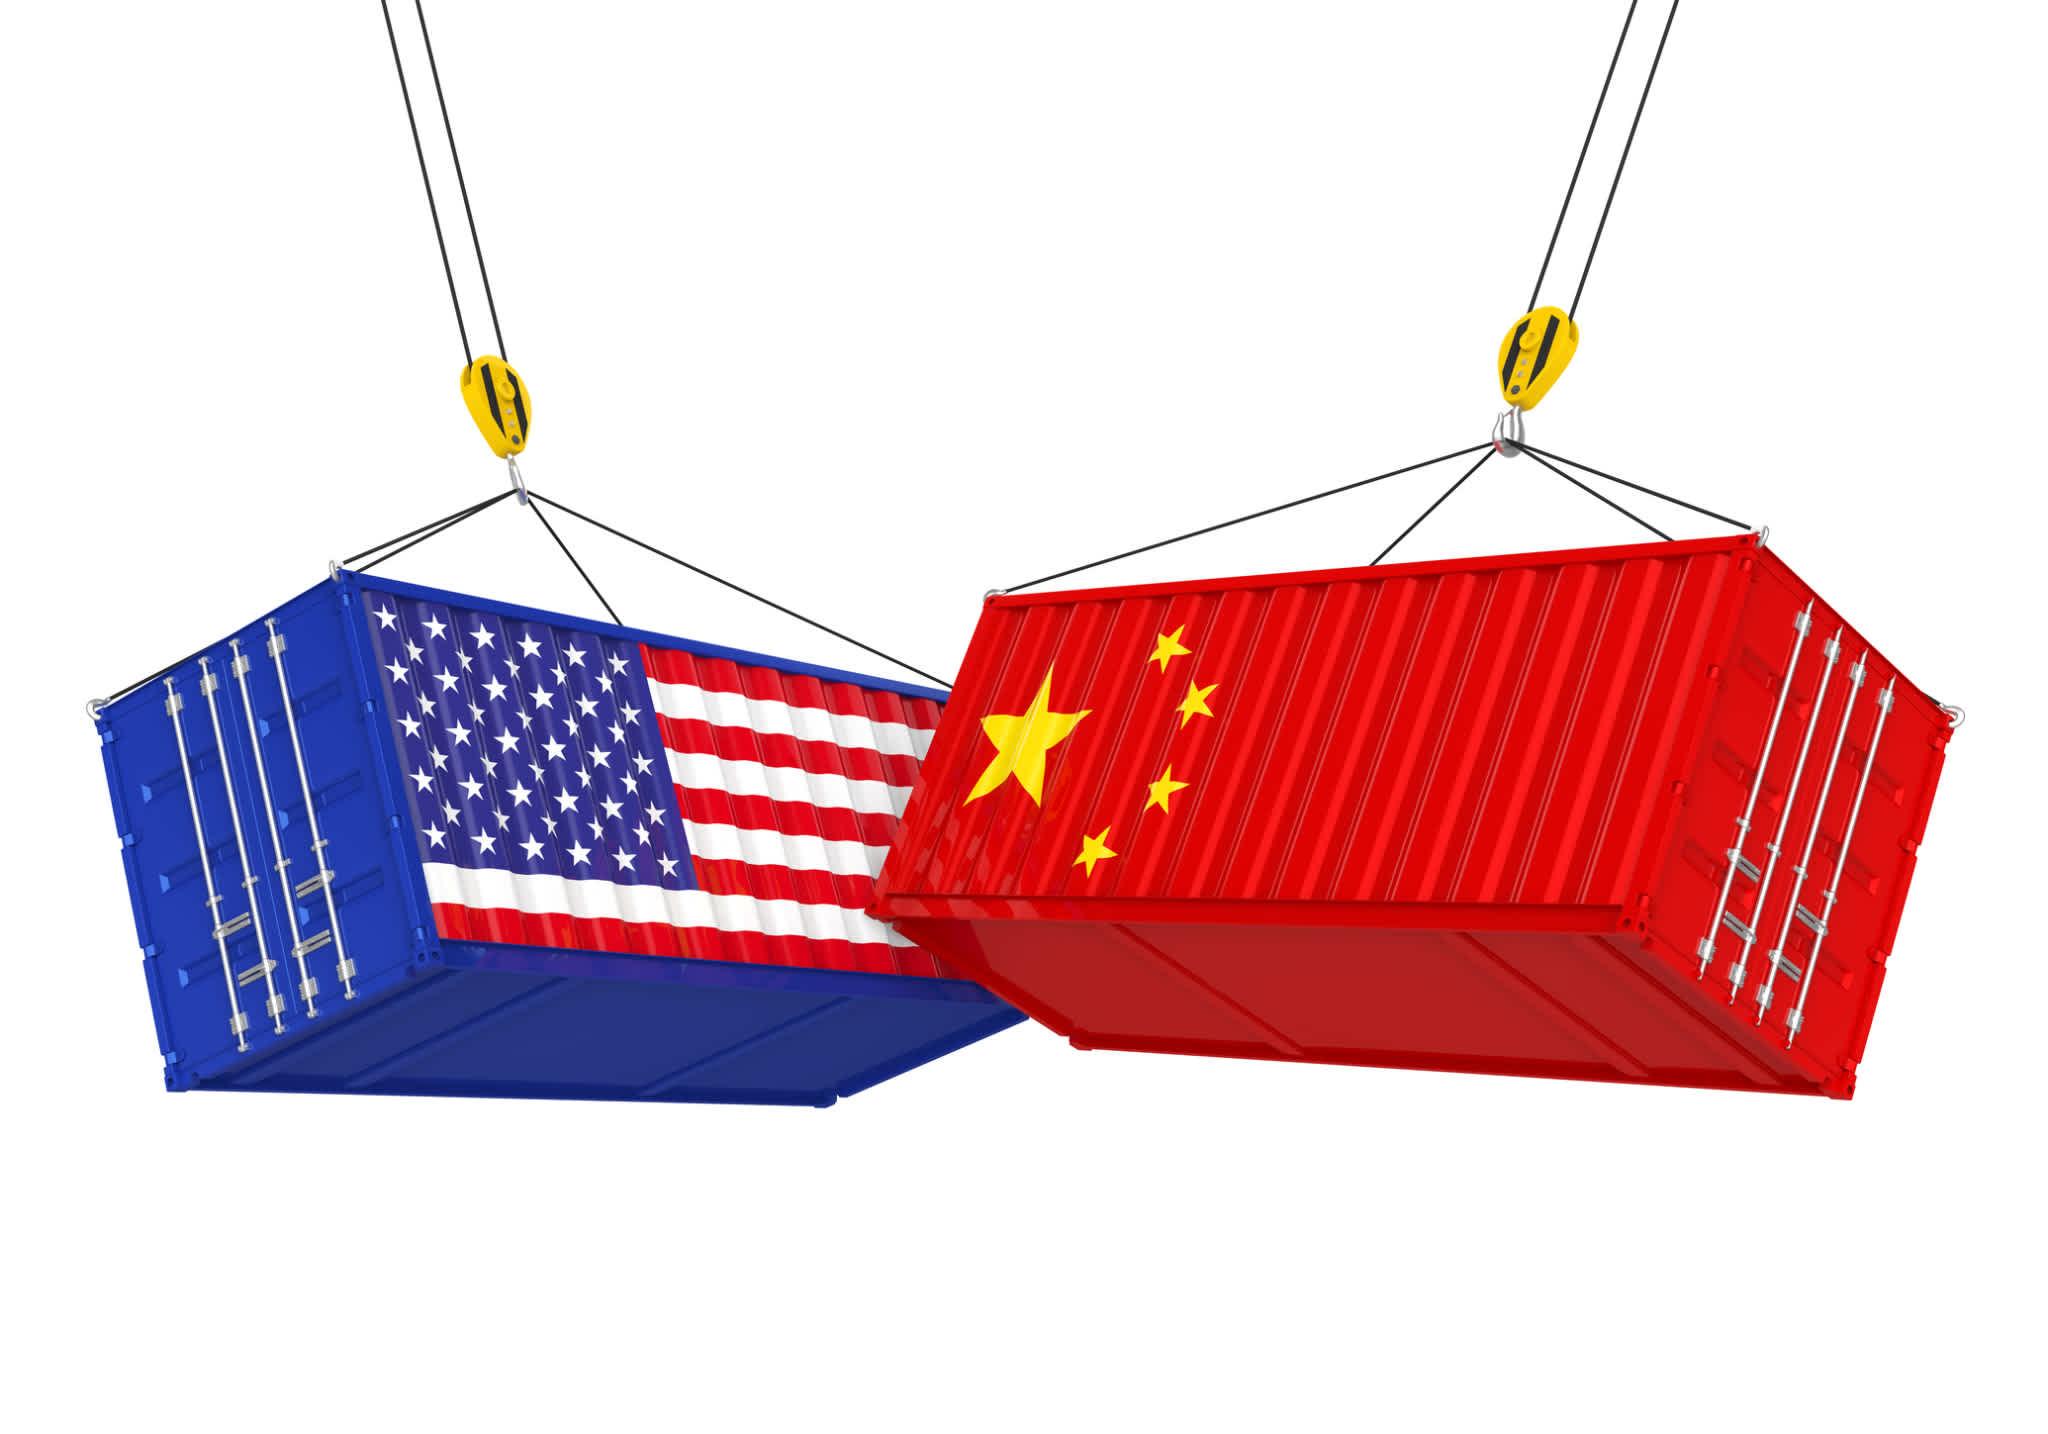 Chinese Import Tariff Impact and Analysis: Part 2 - Flexport